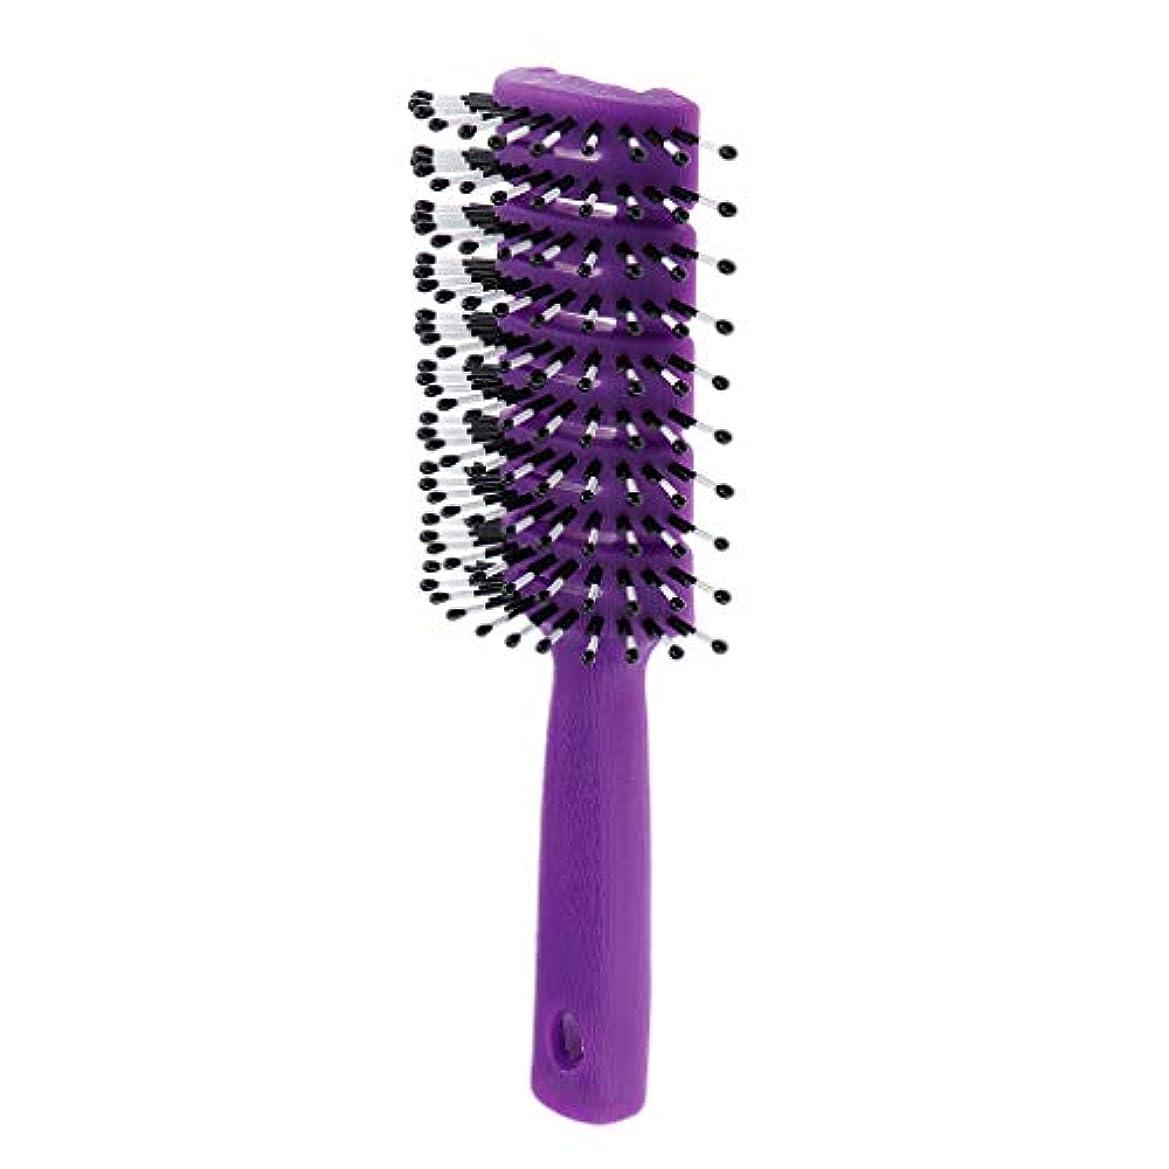 判定失速労働者ヘアコーム 静電防止櫛 ヘアブラシ 3色選べ - 紫